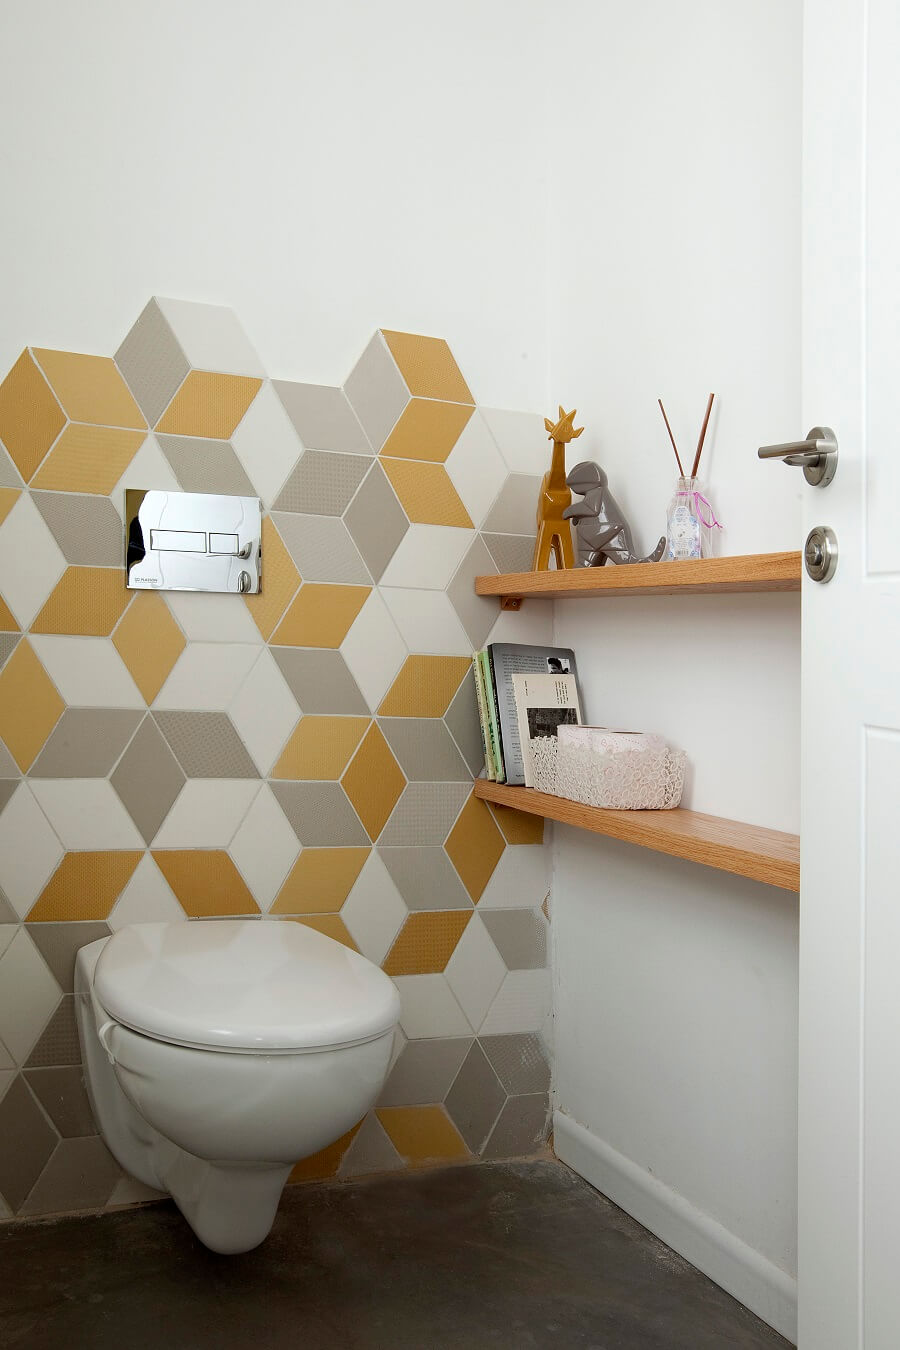 חדר שירותים מעוצב